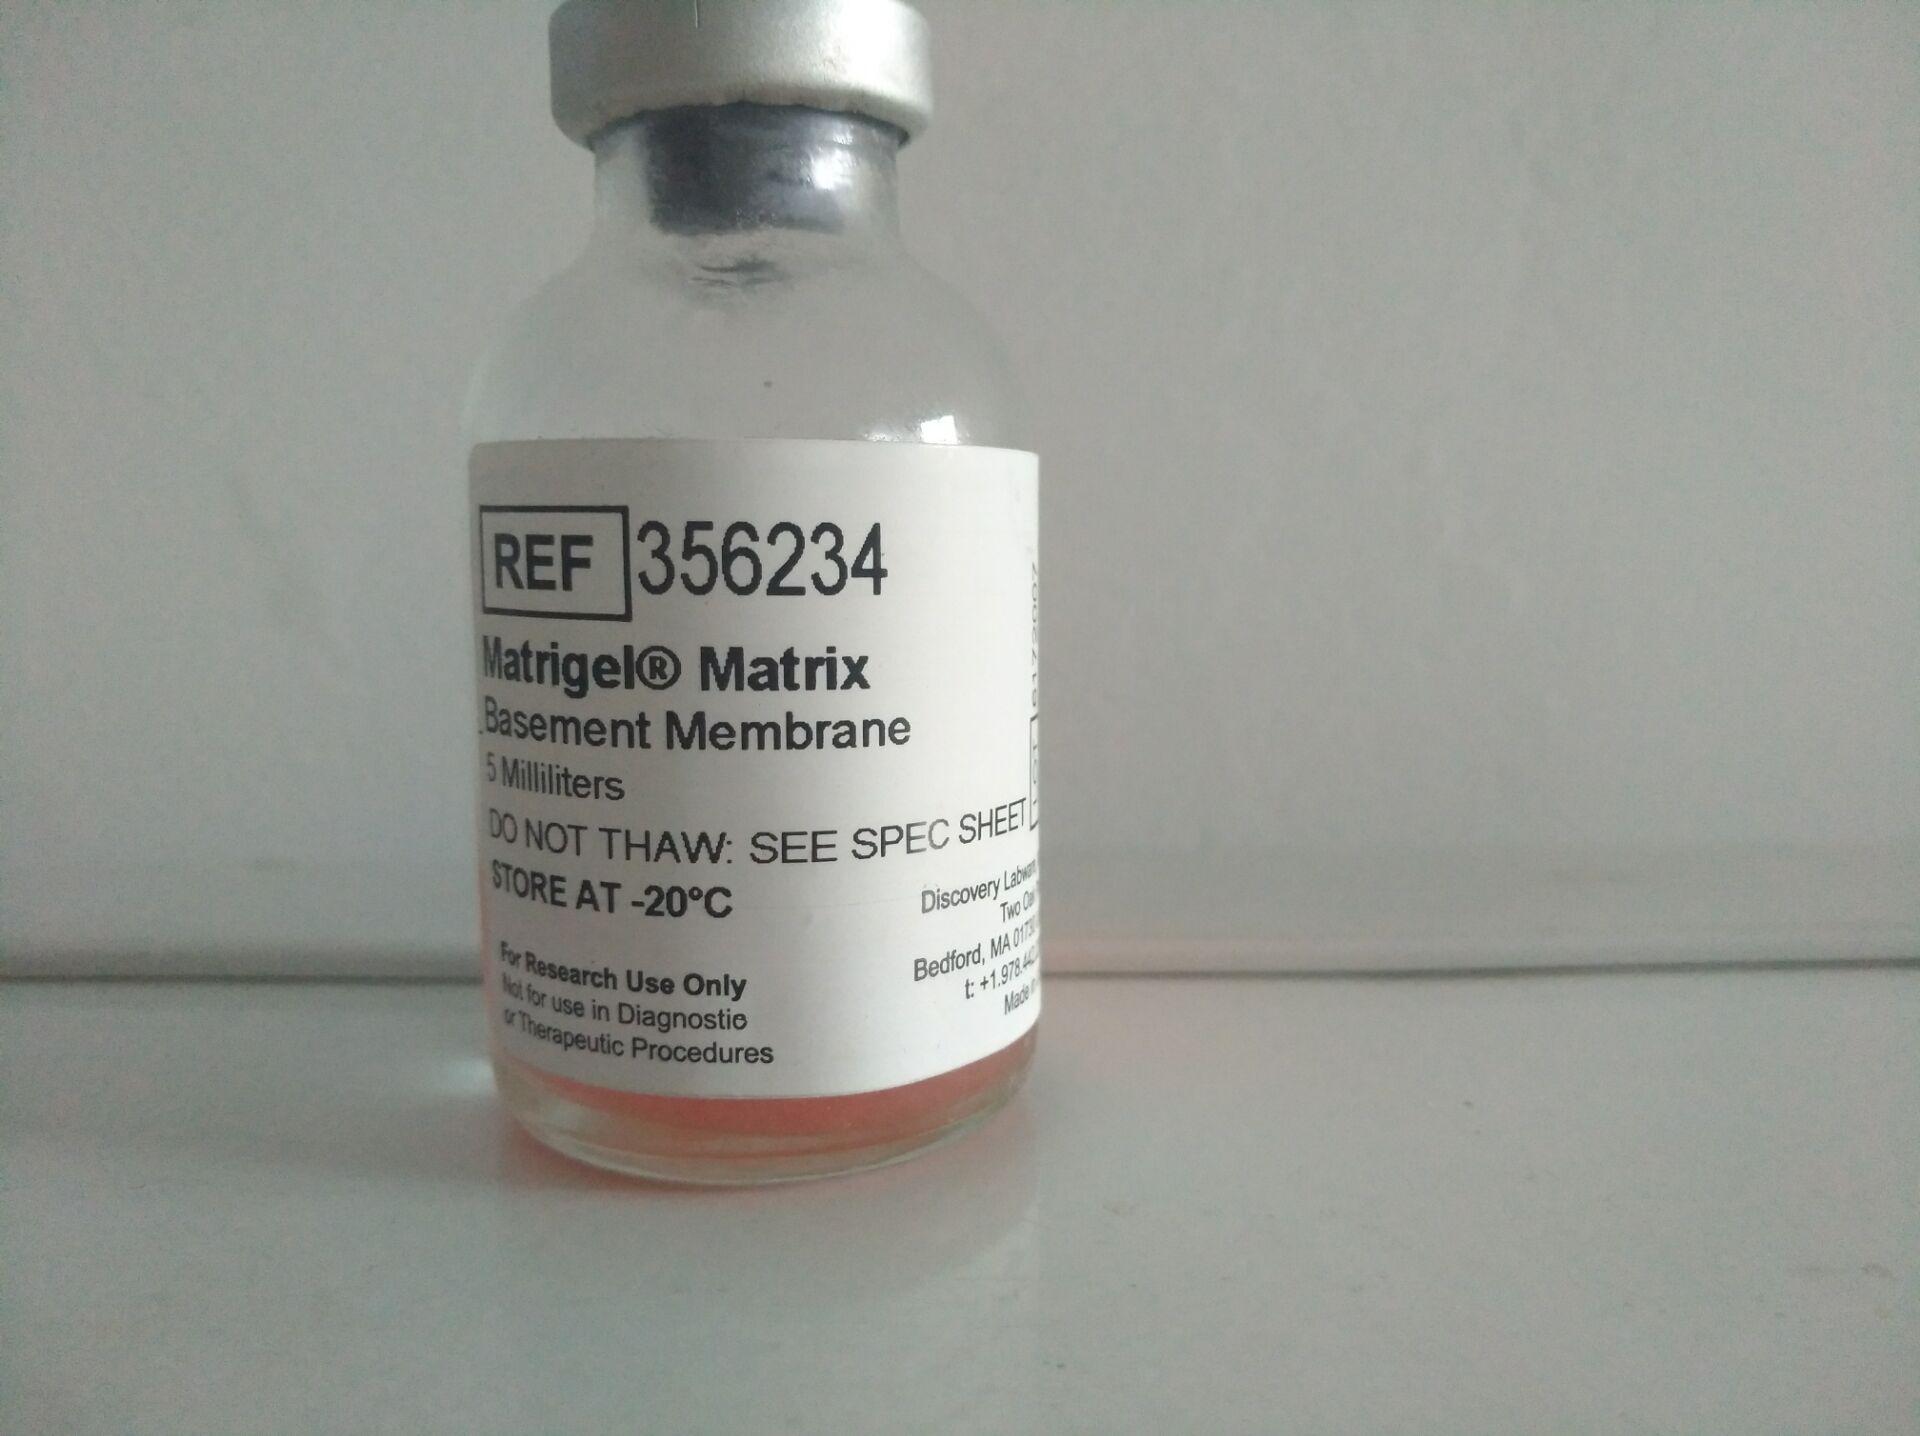 BD 356230 Matrigel基质胶 低生长因子 北京现货